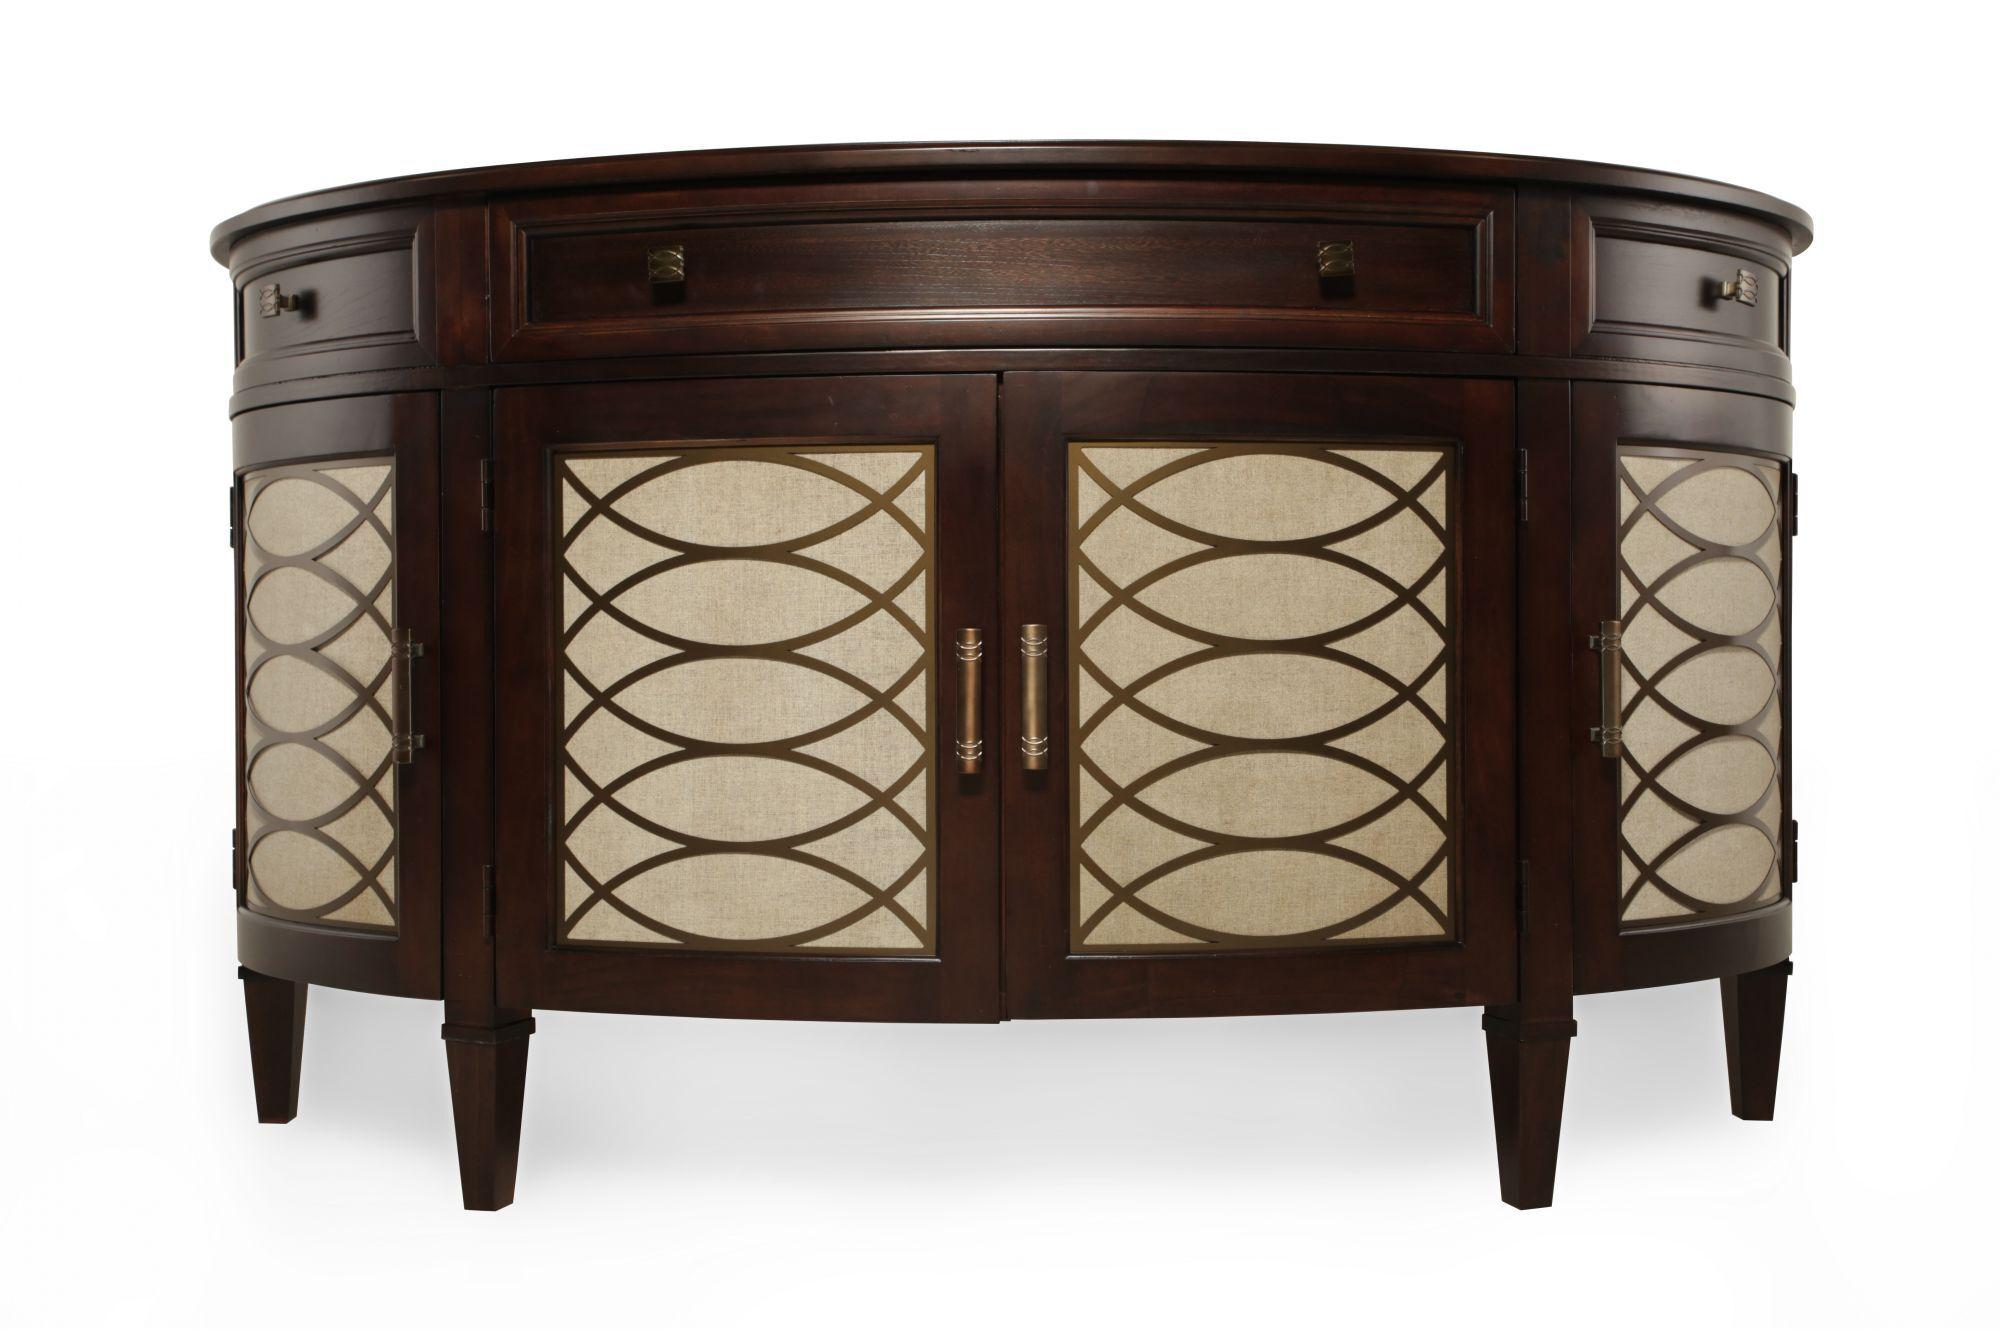 Modern Dark Wood Credenza : Hd tv entertainment stand media cabinet credenza drawers dark